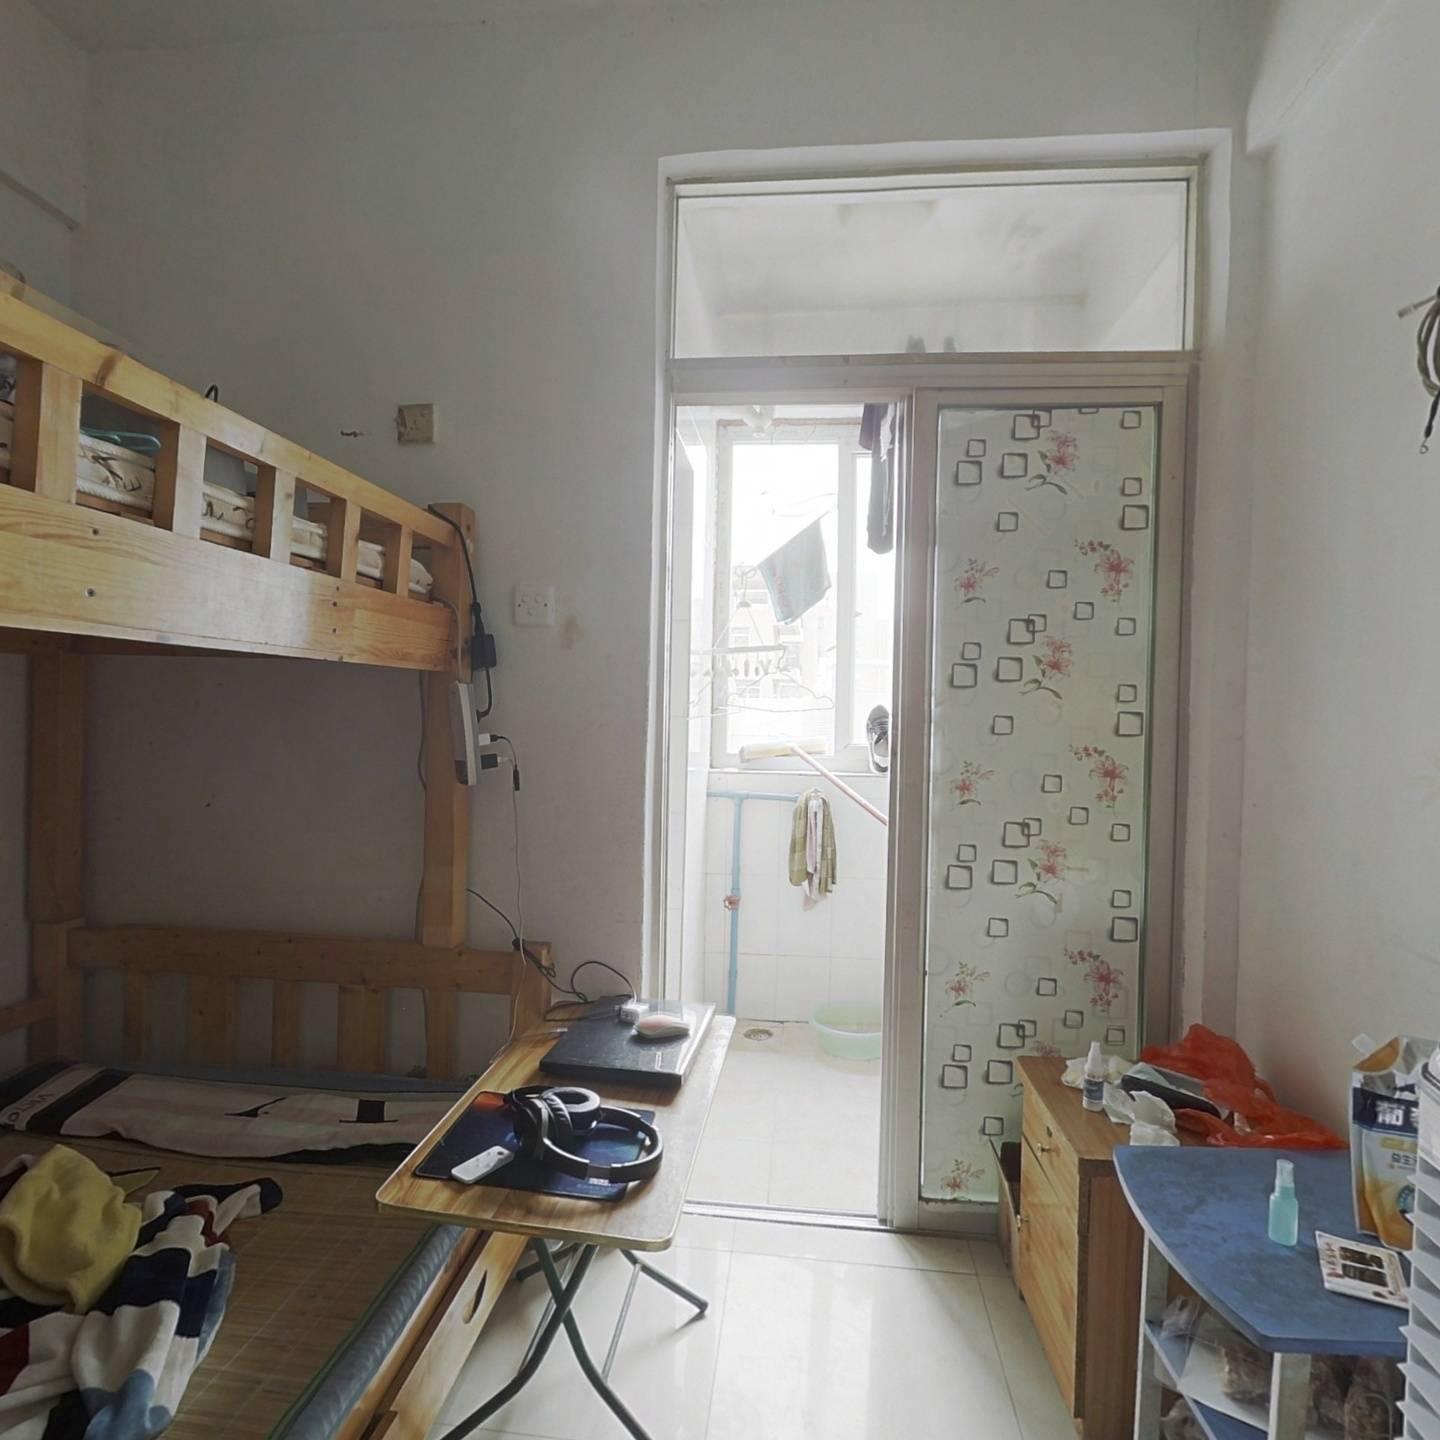 龙华区 观澜 启点公寓 红本在手 住宅性质 急售